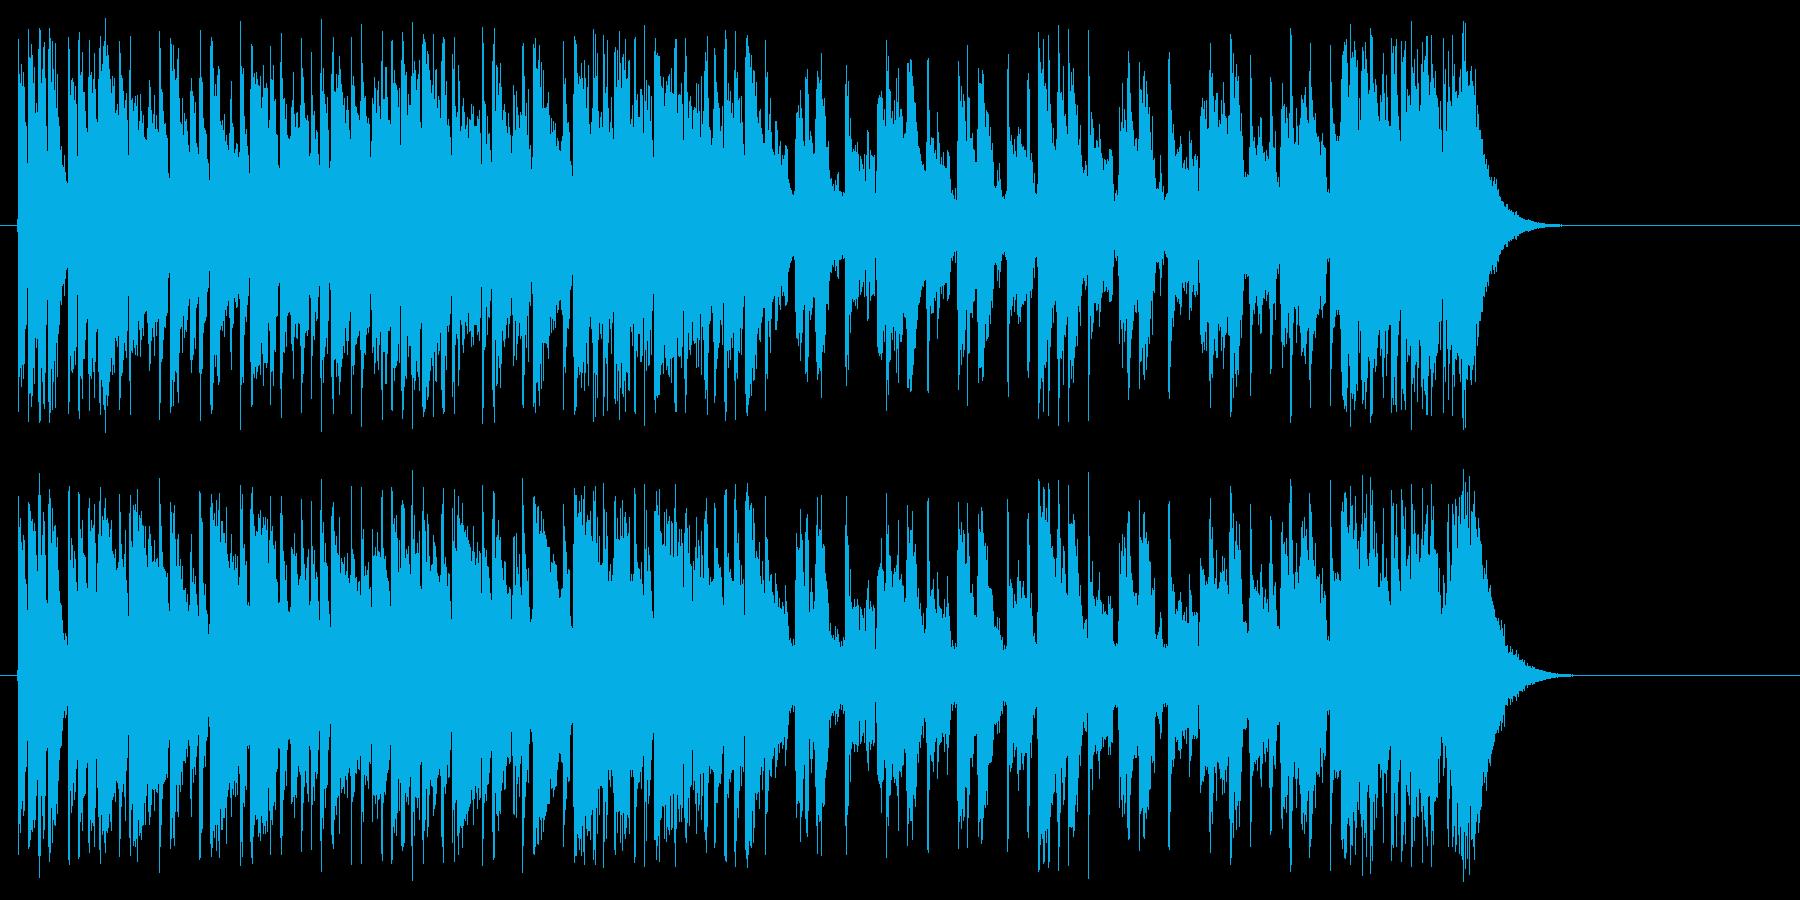 ダンディズム強調 都会派サウンドの再生済みの波形